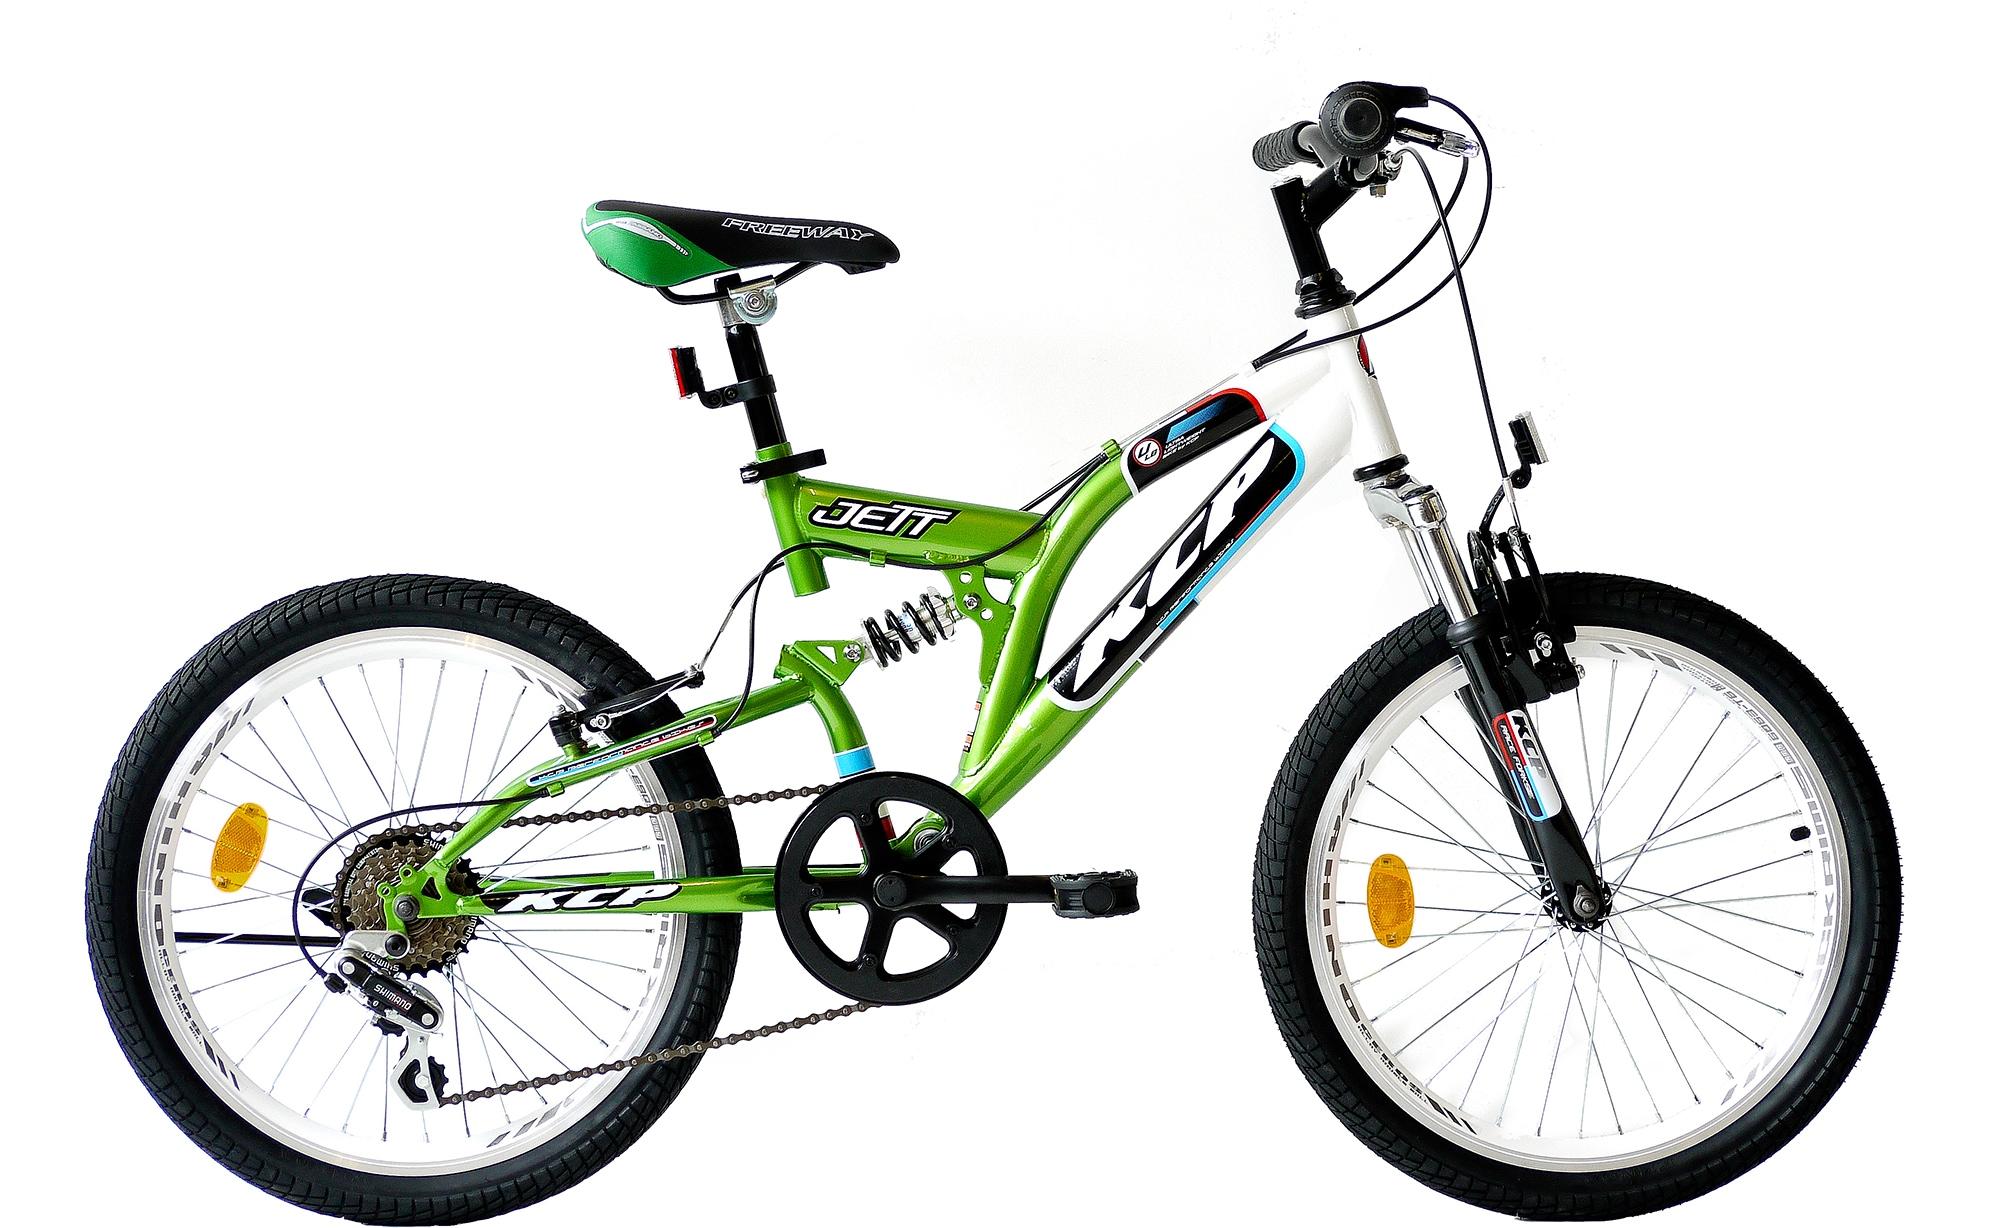 KCP Kinderfahrrad Jett FSF, 6 Gang, Shimano, Tourney RD-TZ500-GS Schaltwerk, Kettenschaltung grün Kinder Kinderfahrräder Fahrräder Zubehör